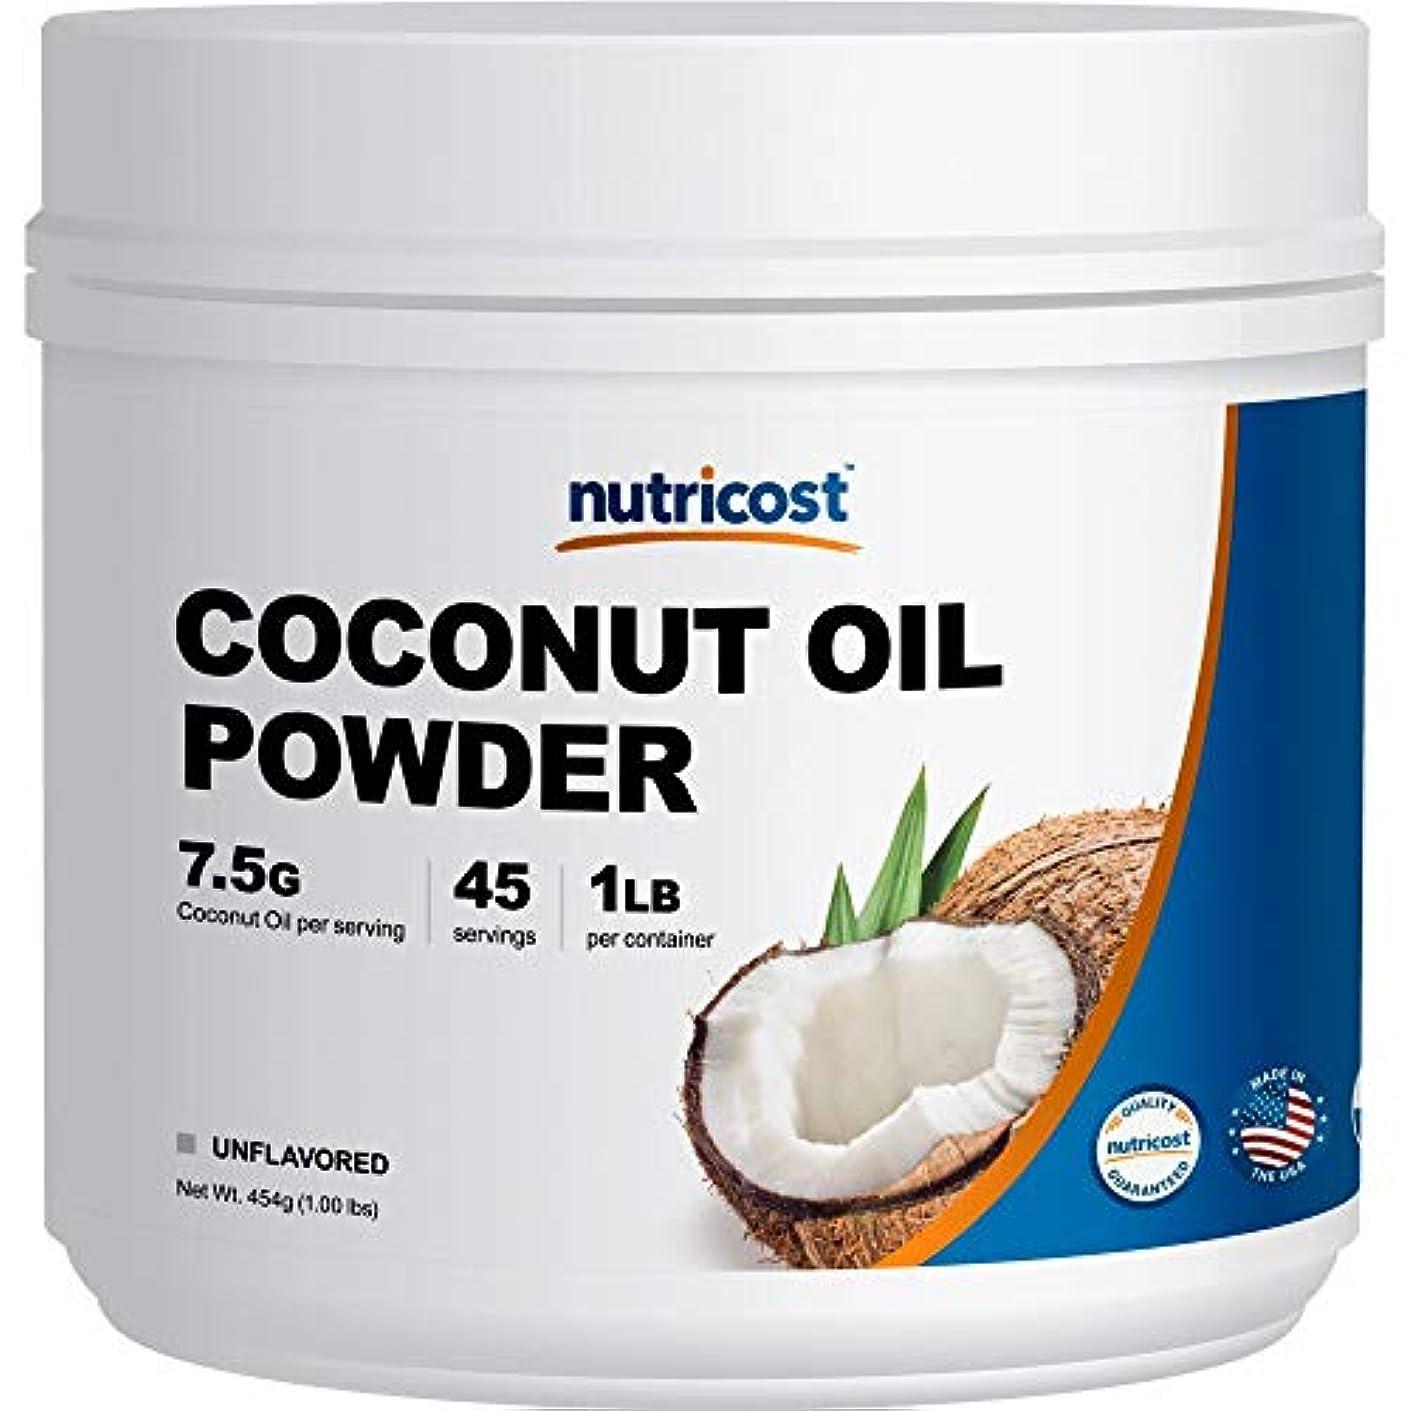 勃起リテラシー政治家のNutricost ココナッツオイルパウダー 1LB、45食分、非GMO、グルテンフリー